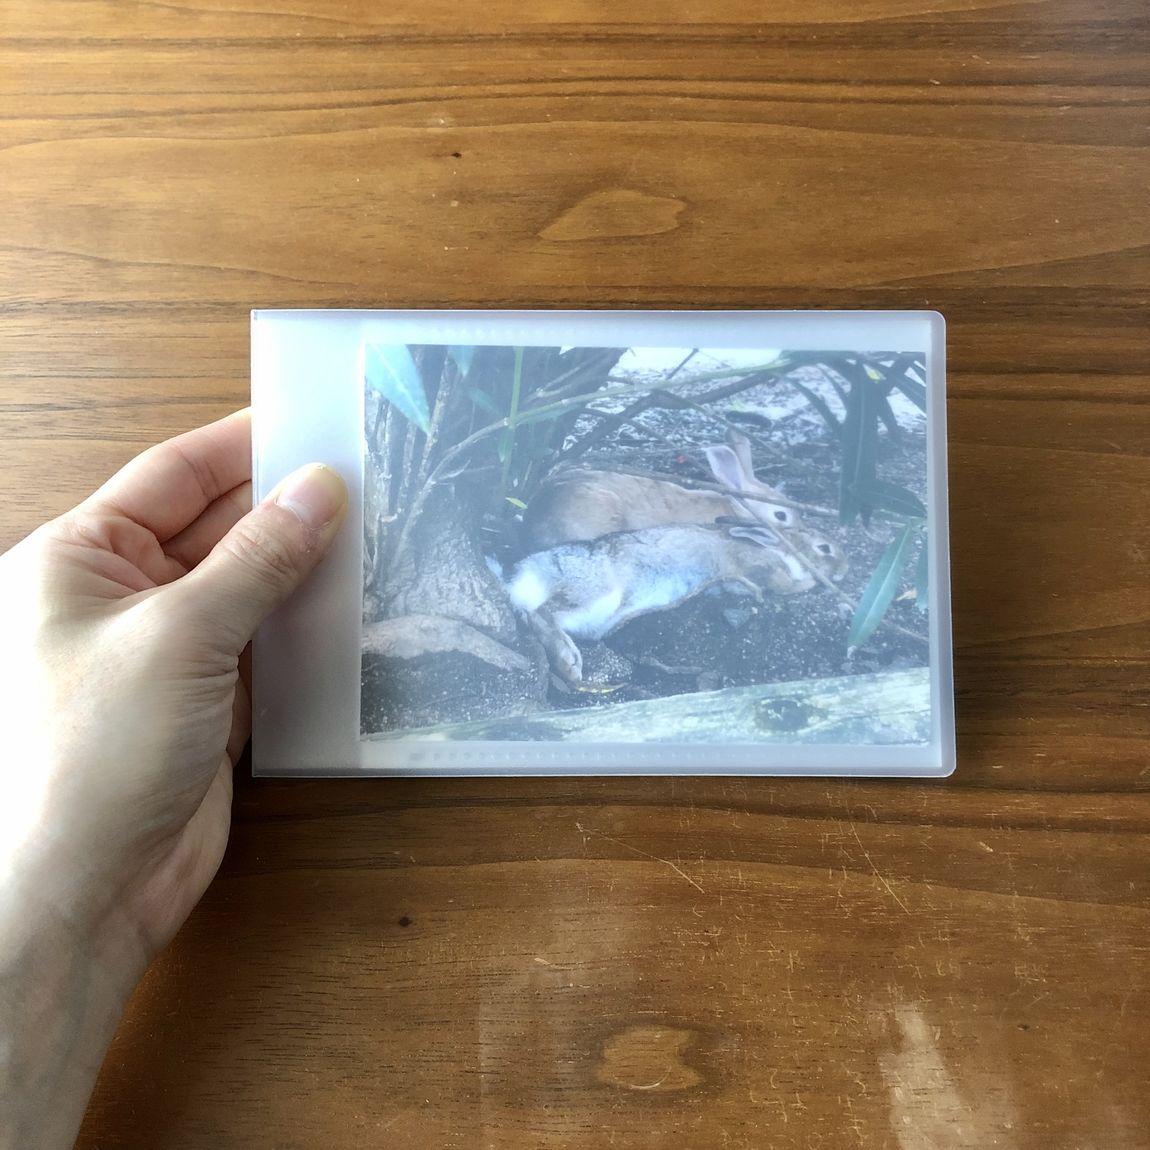 【イオンモール堺北花田】どんな写真を入れてもぴったり『ポリプロピレン高透明フィルムアルバム』|スタッフが選ぶ無印良品